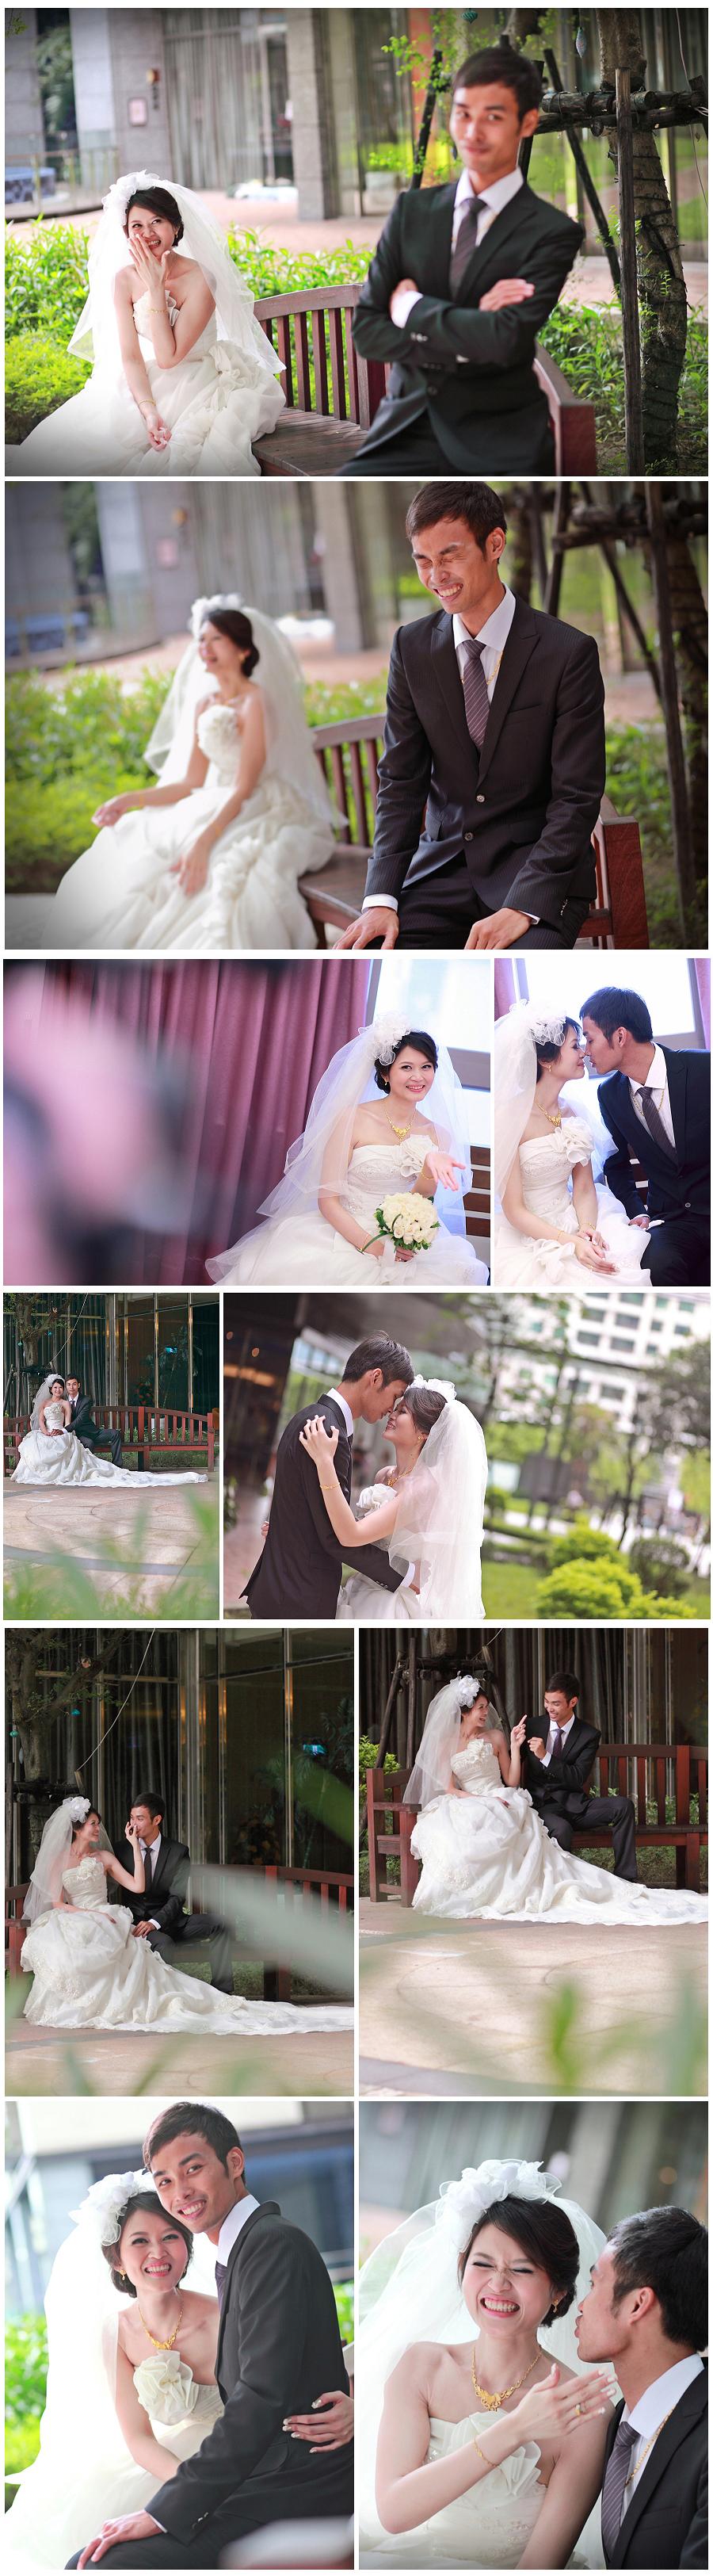 婚攝,婚禮記錄,搖滾雙魚,萬華,三峽,晚宴